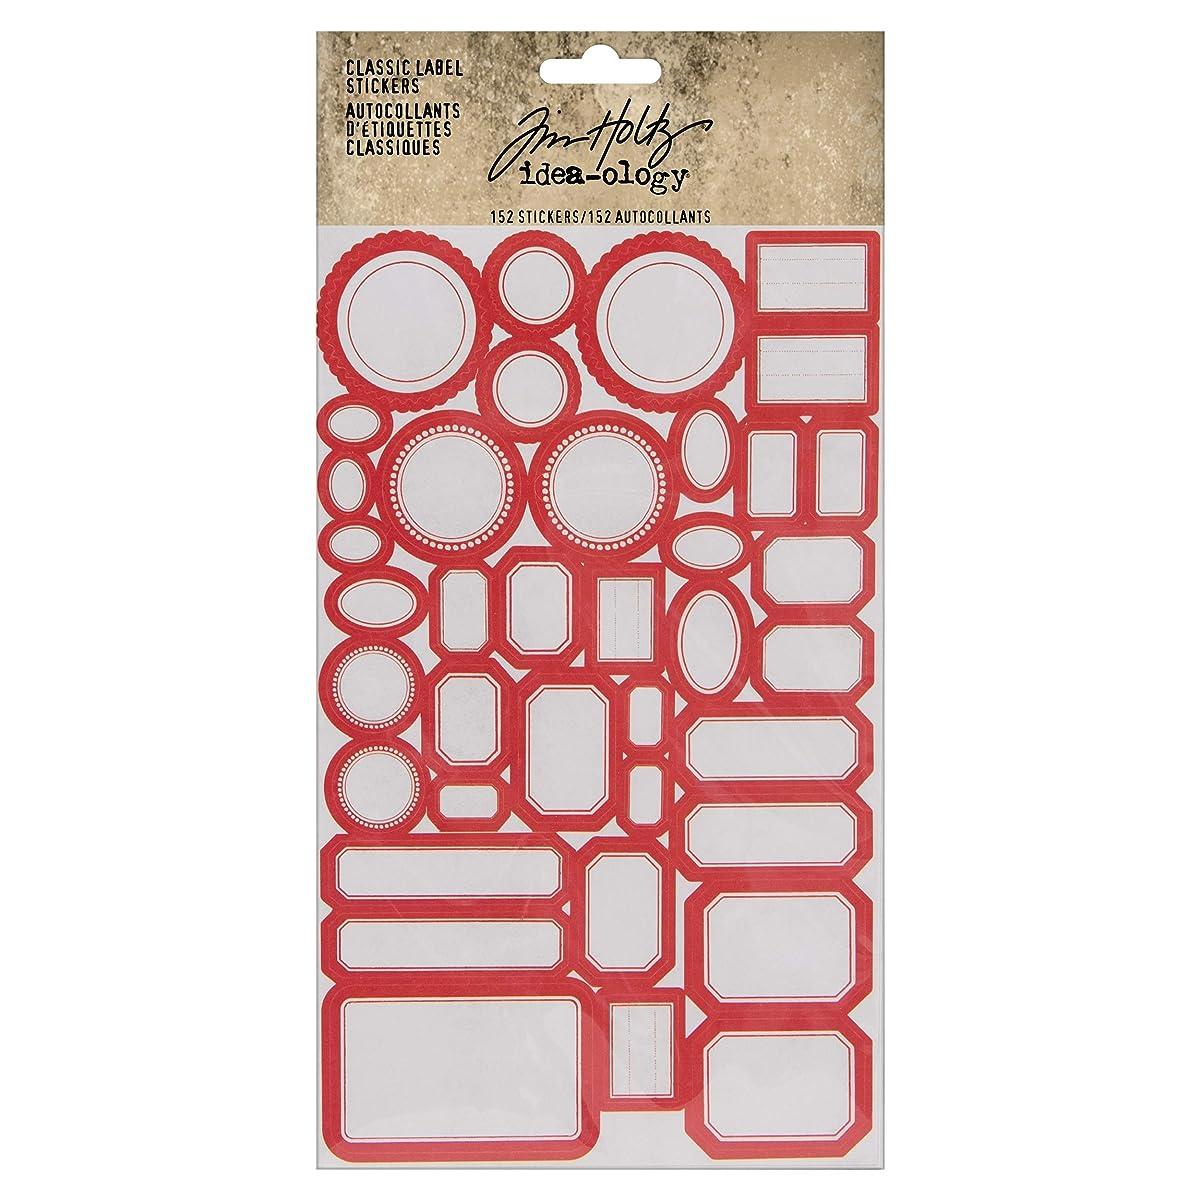 Tim Holtz, Advantus TH93959 Classic Stickers Vintage Labels Assorted